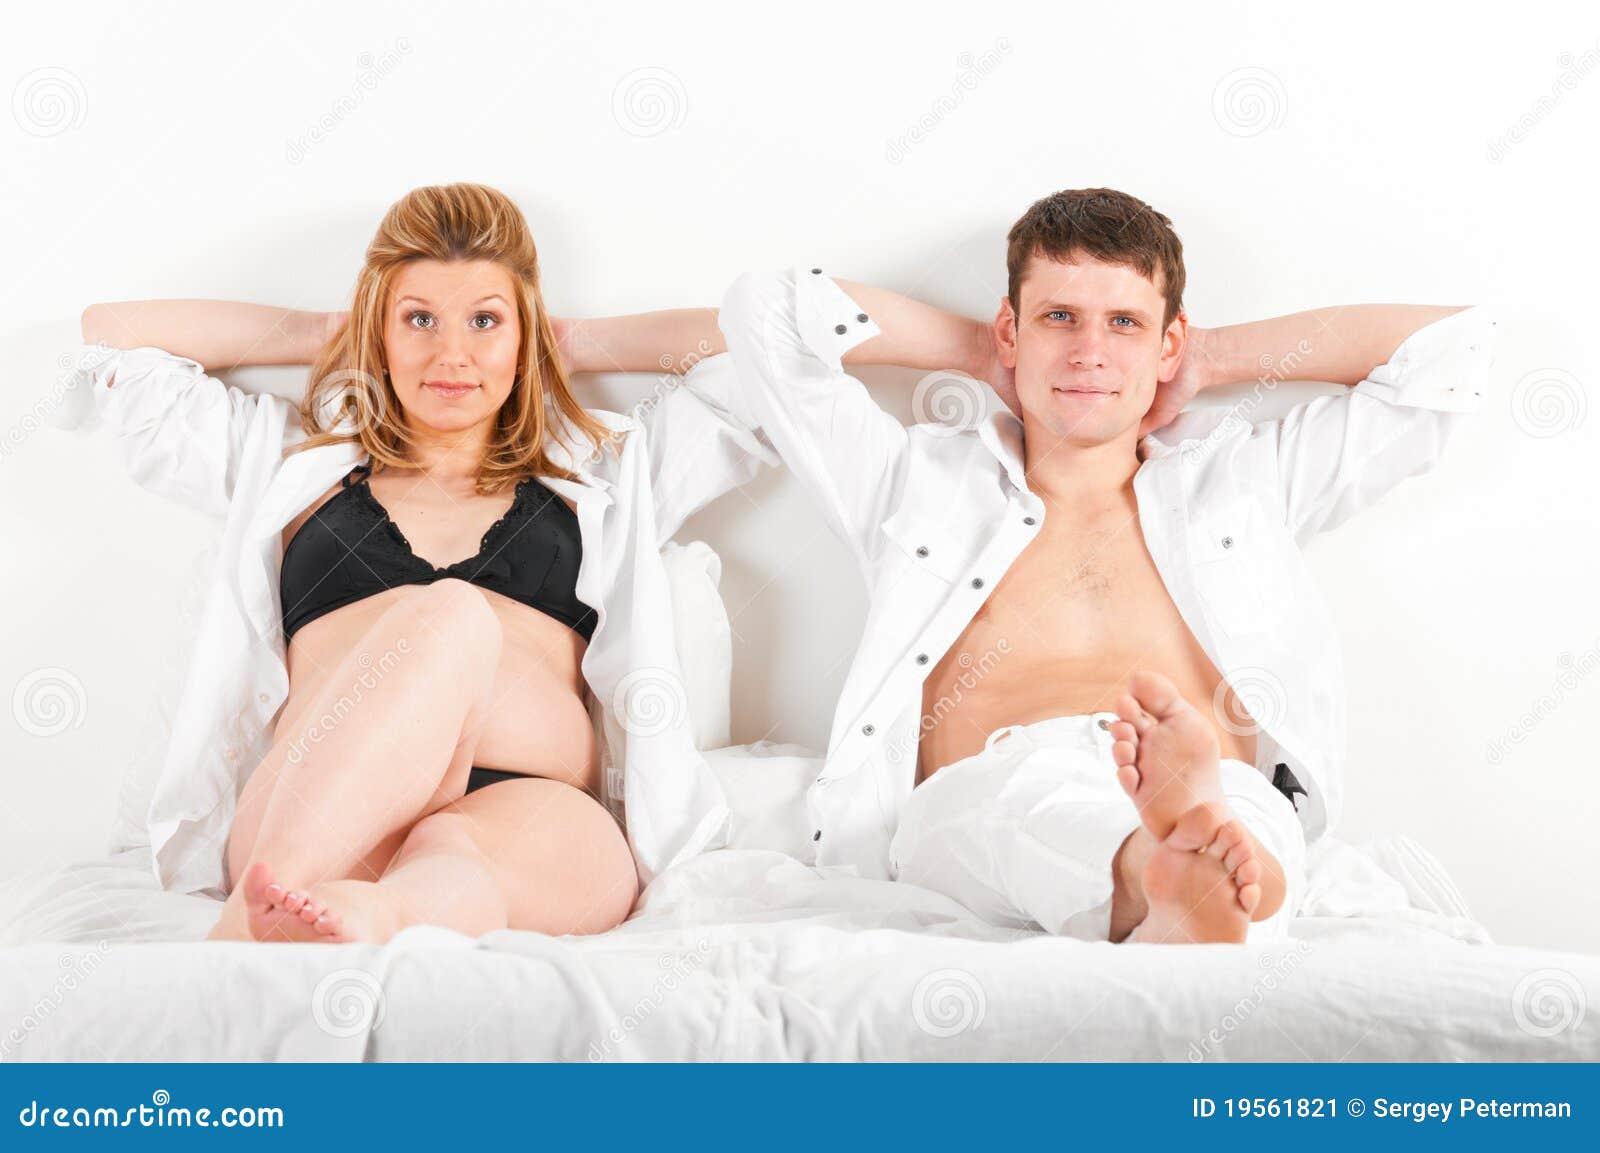 С женой в белом 21 фотография